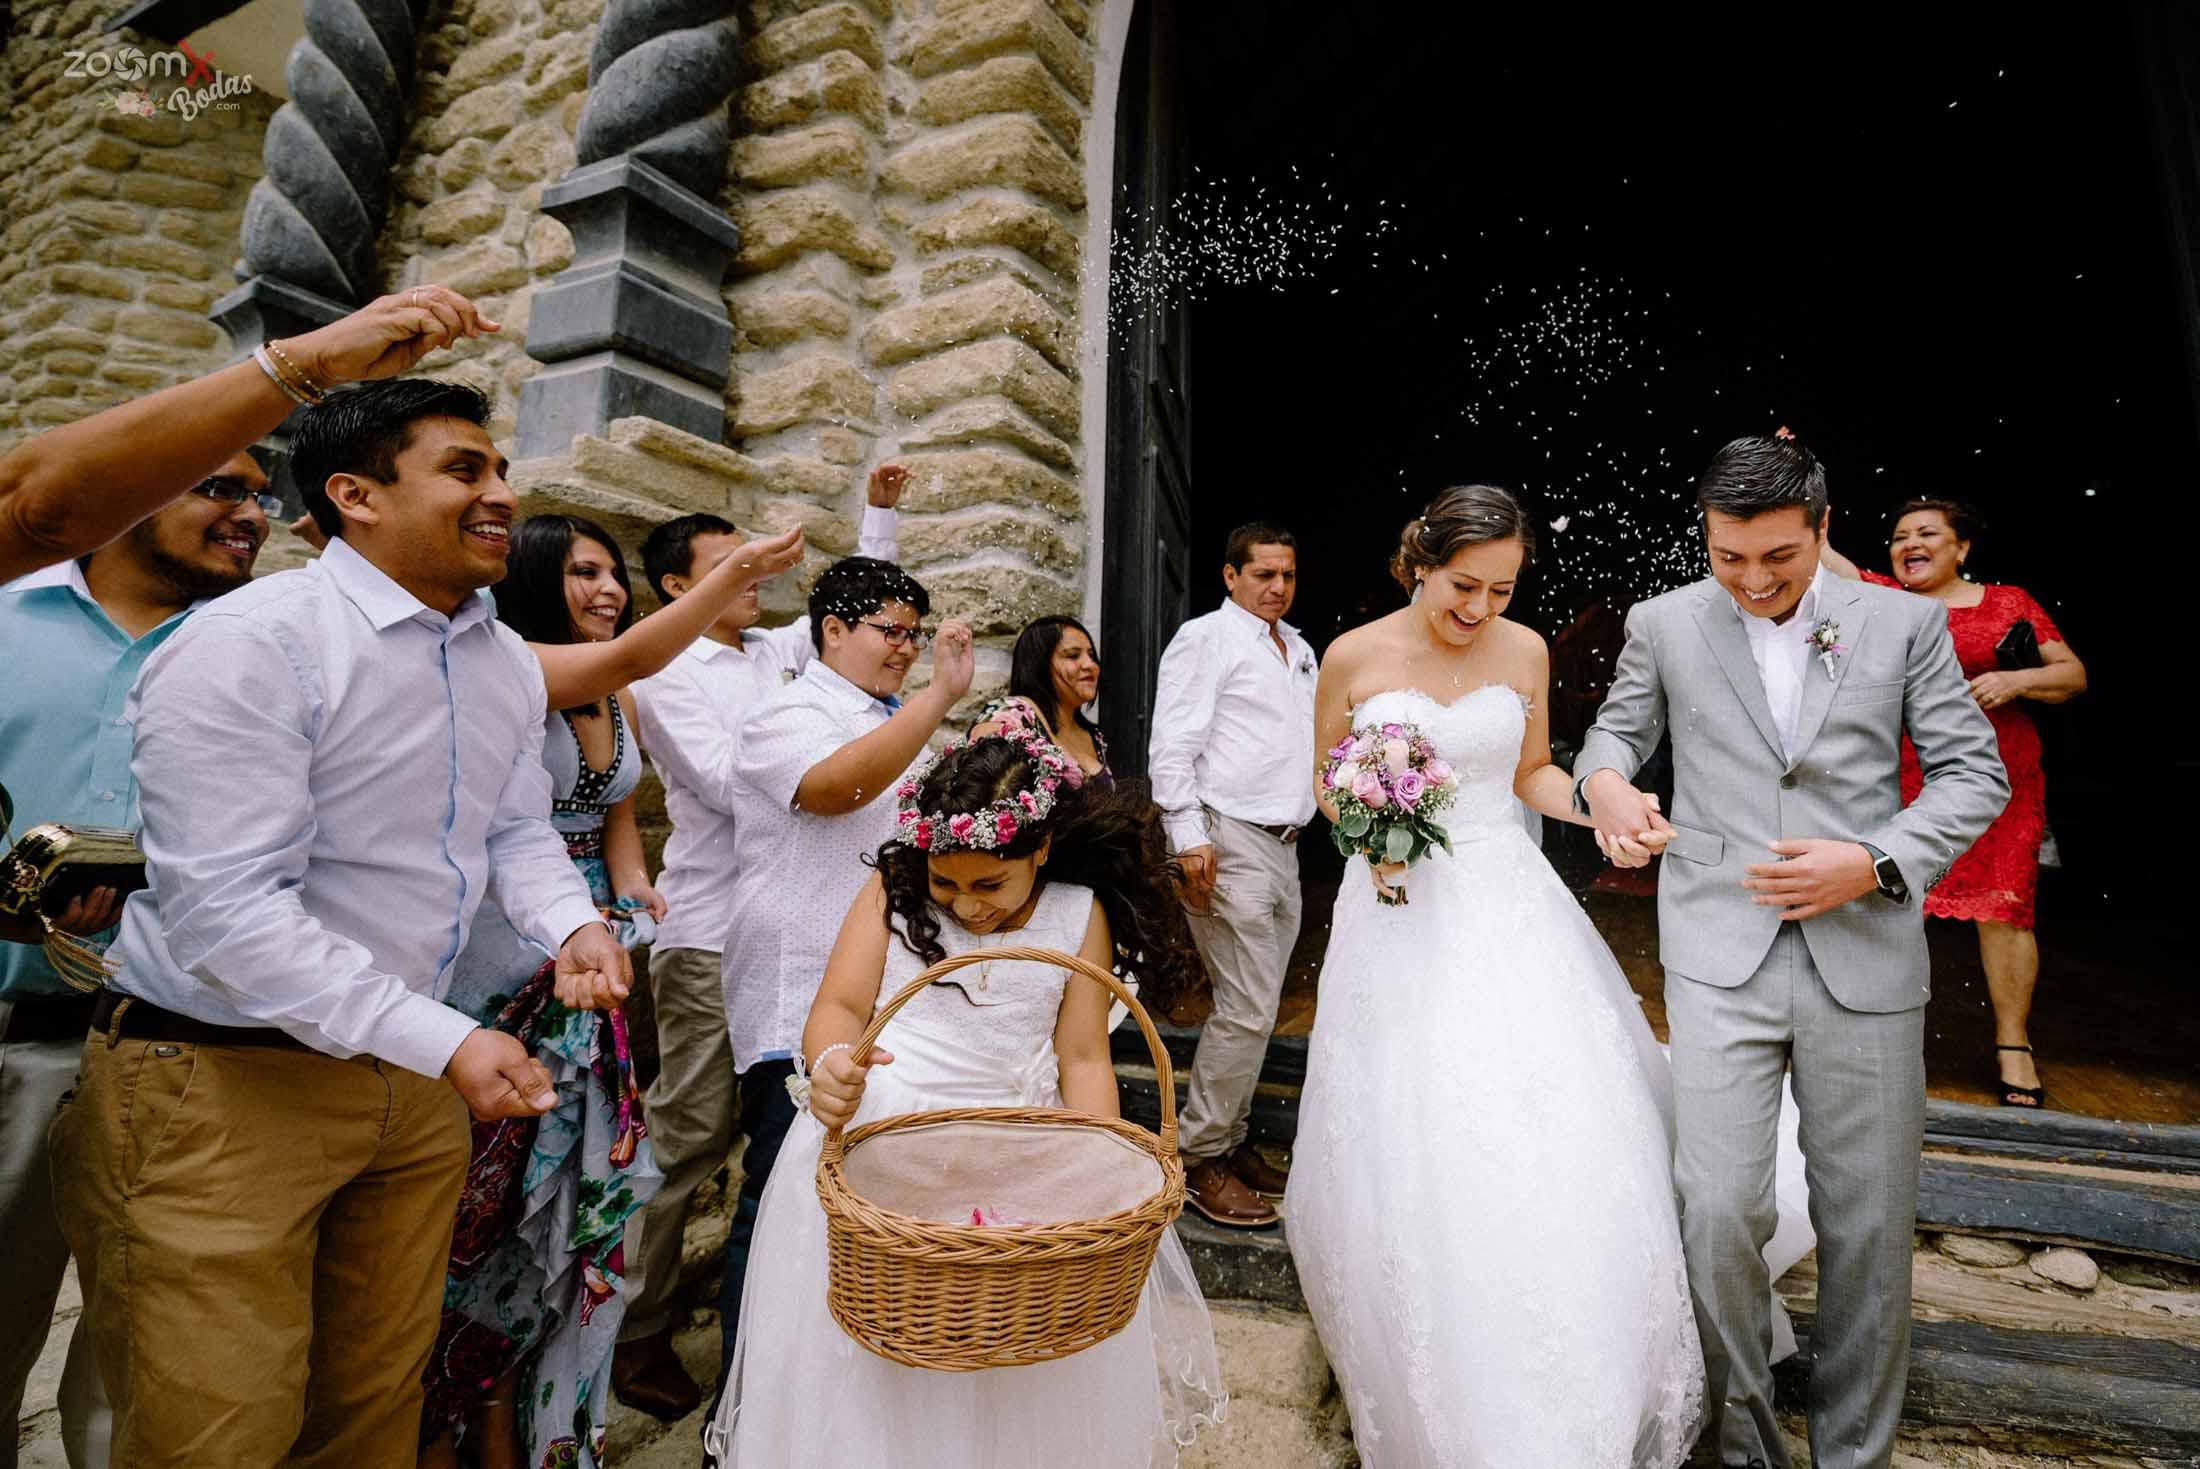 boda claudia y miguel, fotografia de bodas en piura, video de bodas en piura, fotografia y video de bodas en peru, erick ruiz, zoomxbodas, zoomx studio